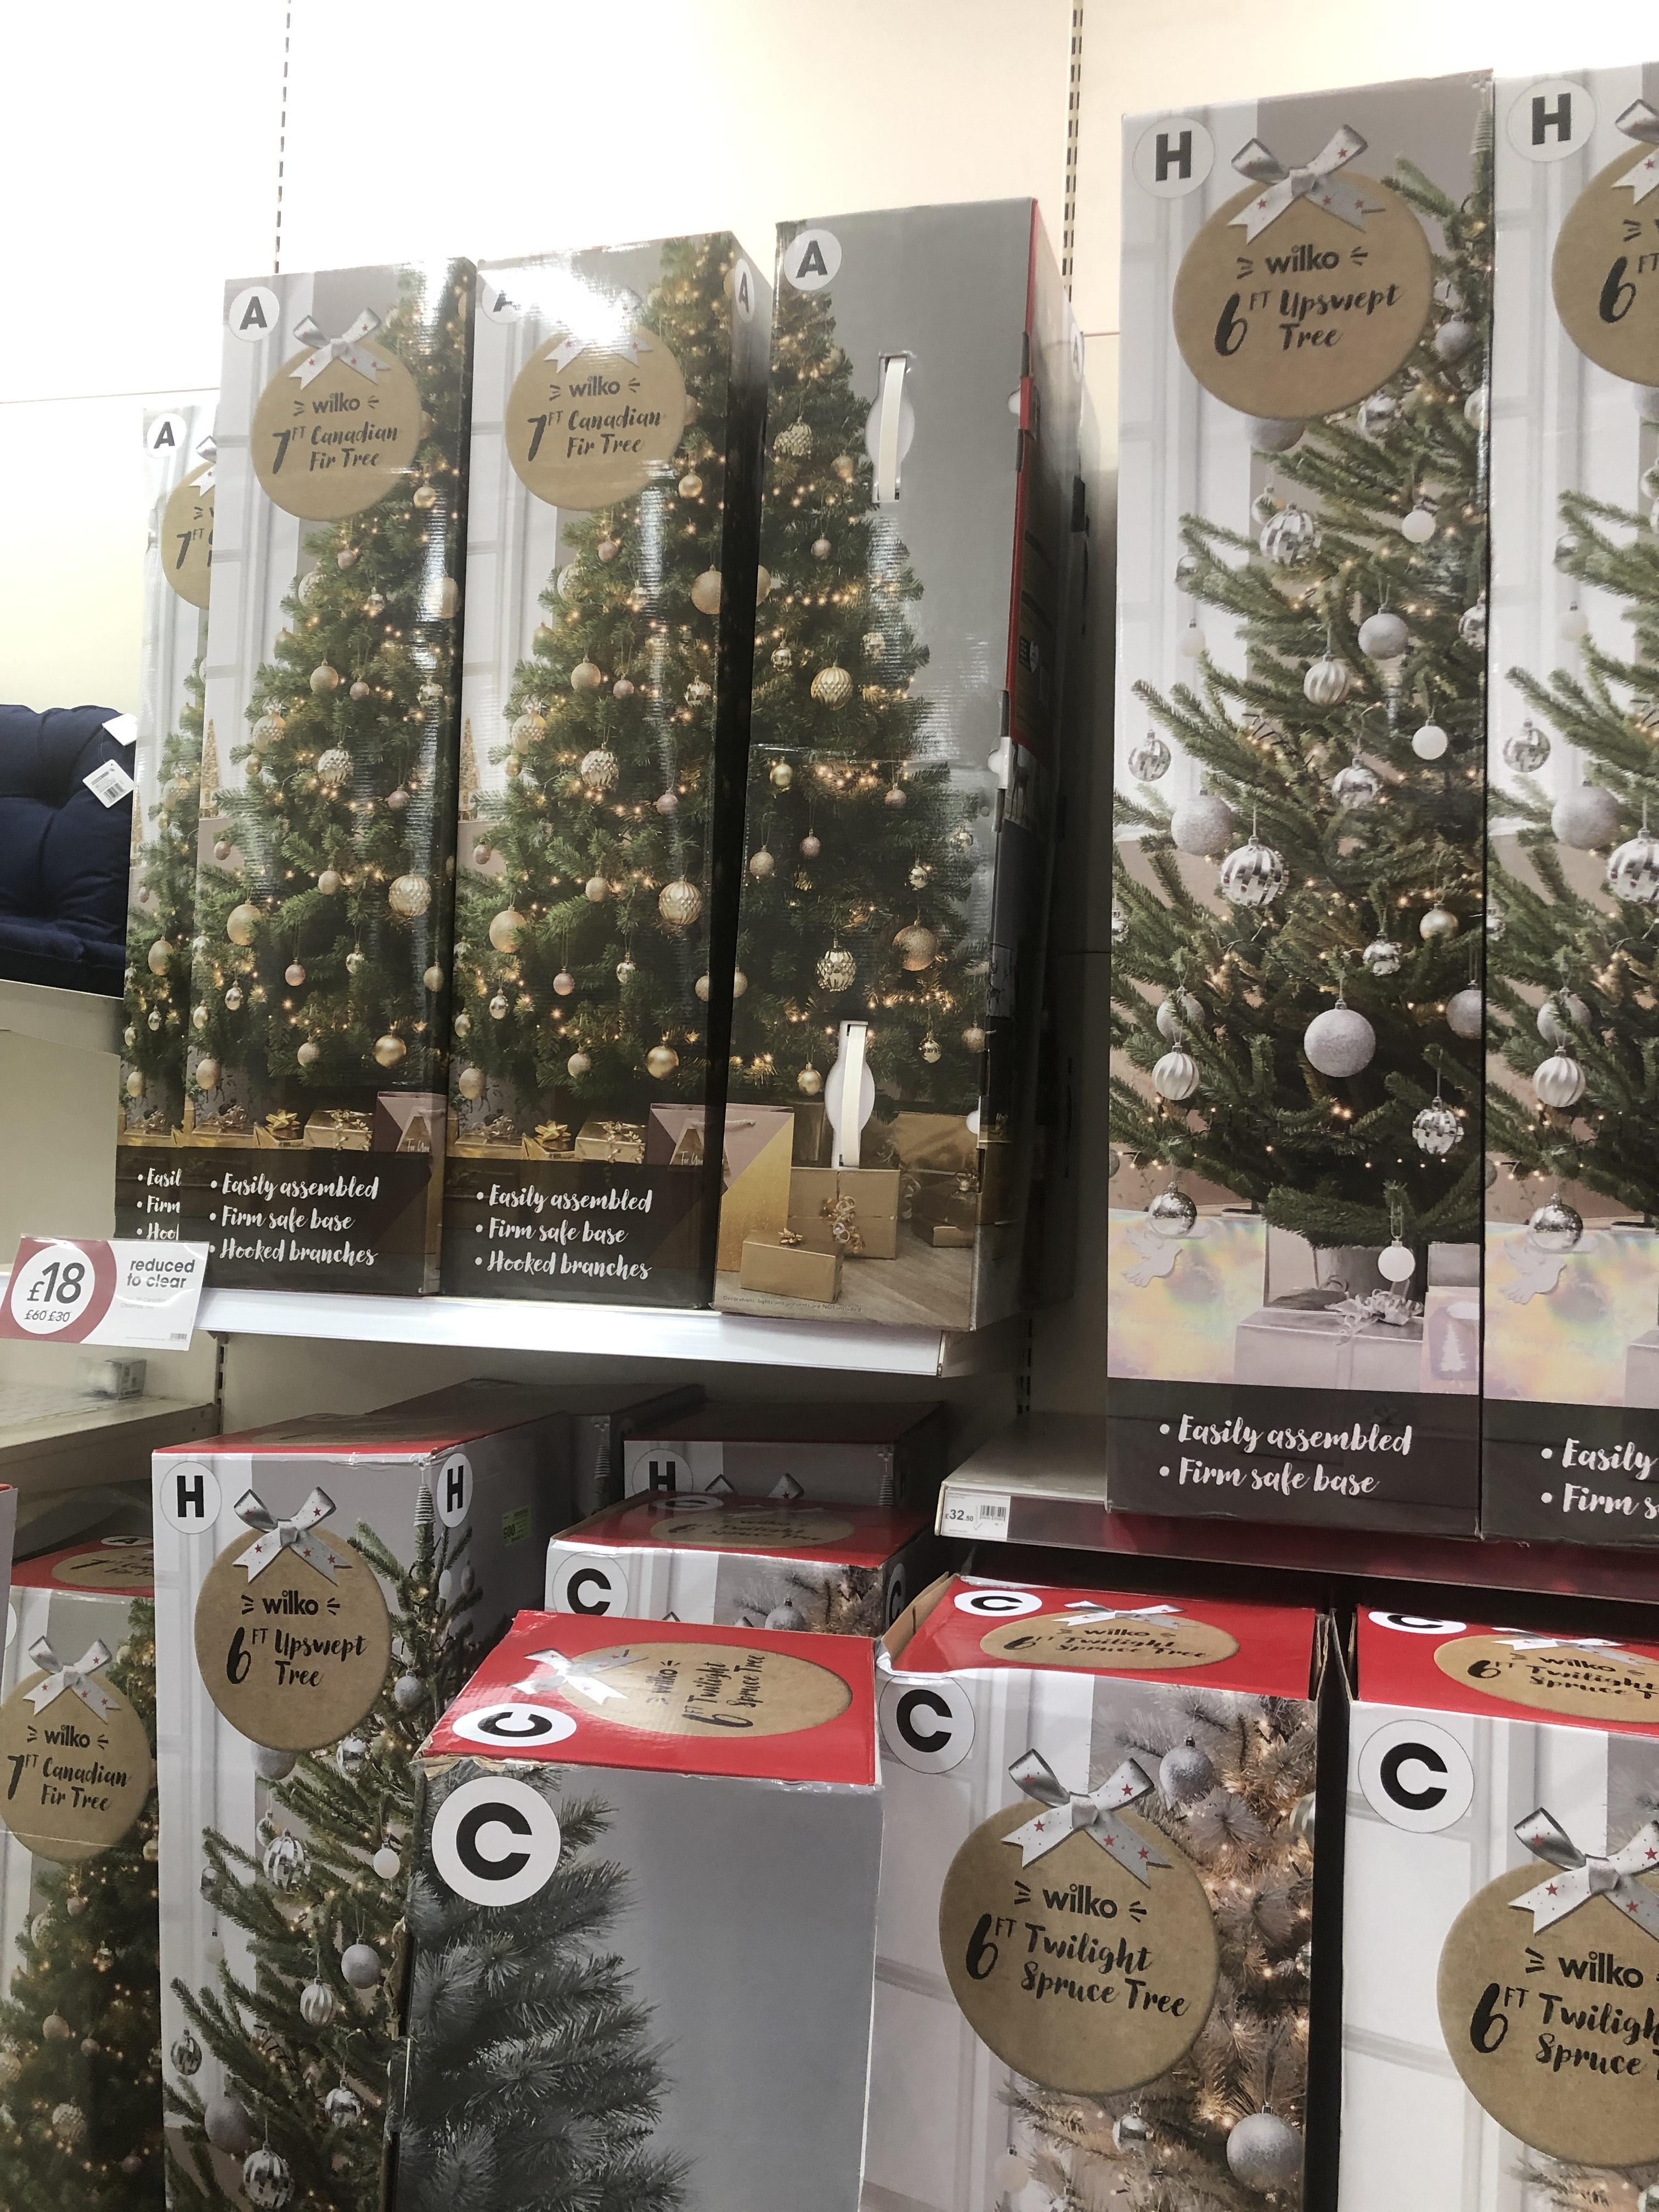 Various 6' and 7' Christmas trees £18 in Wilko Swansea